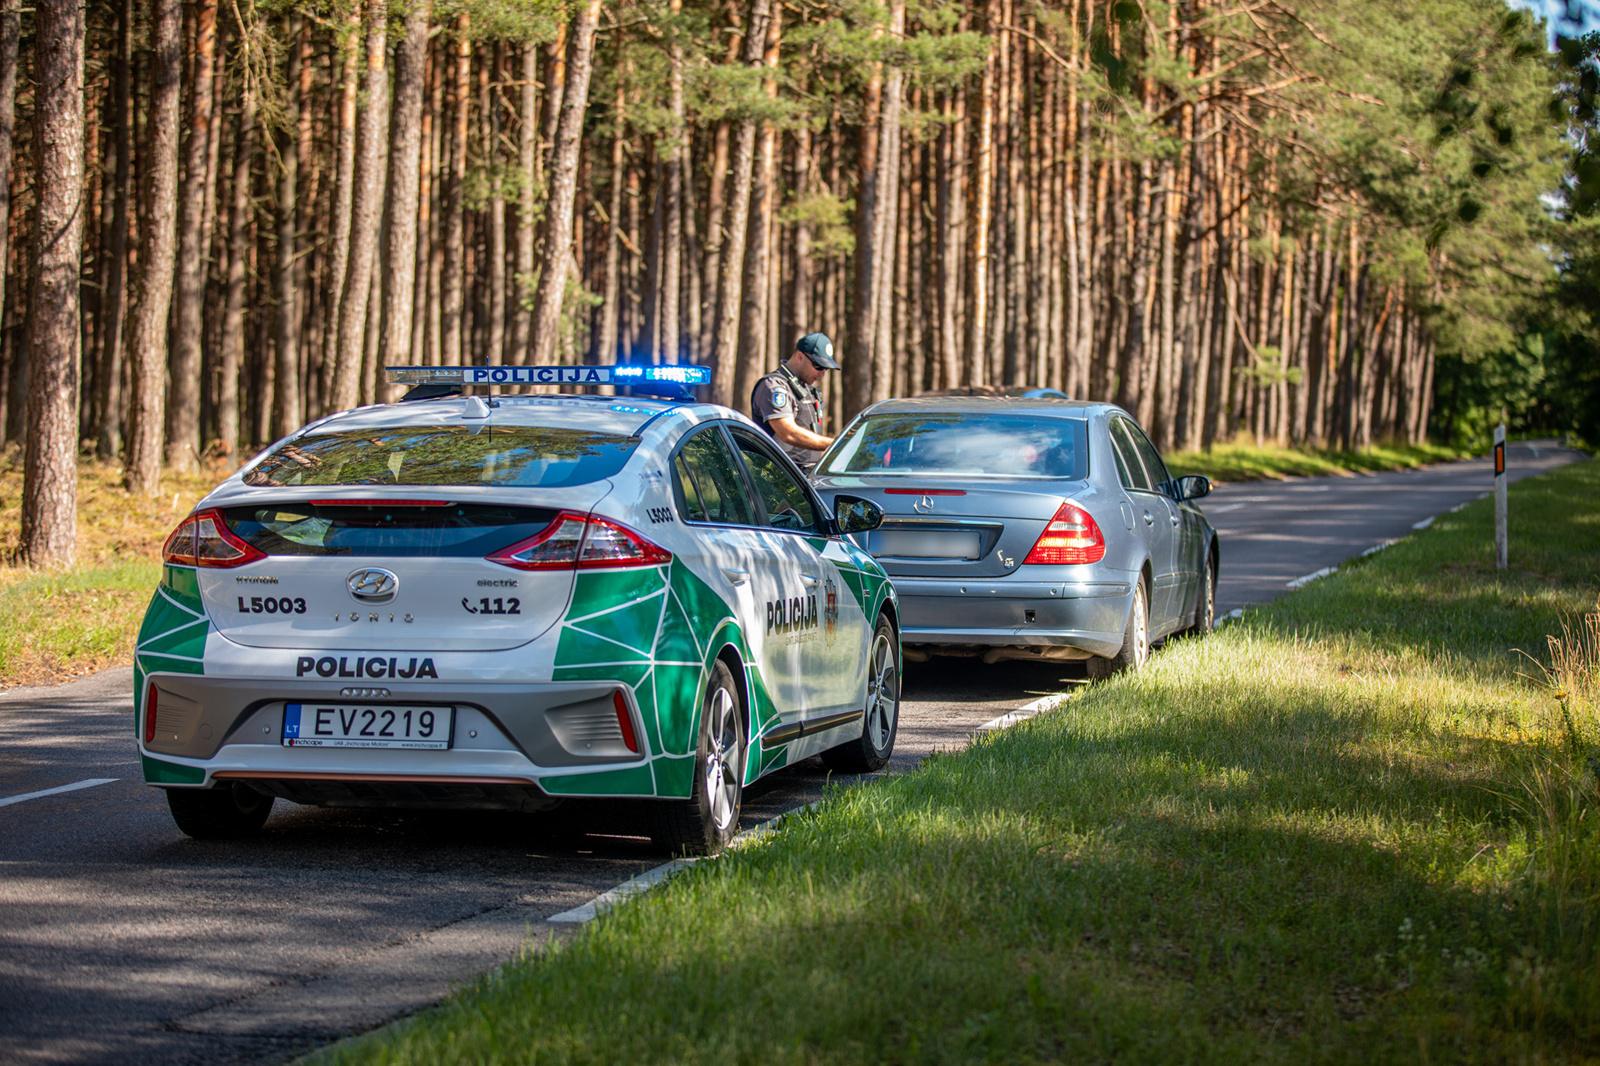 Klaipėdos Kelių policijos pareigūnams vėl įkliuvo penki neblaivūs vairuotojai